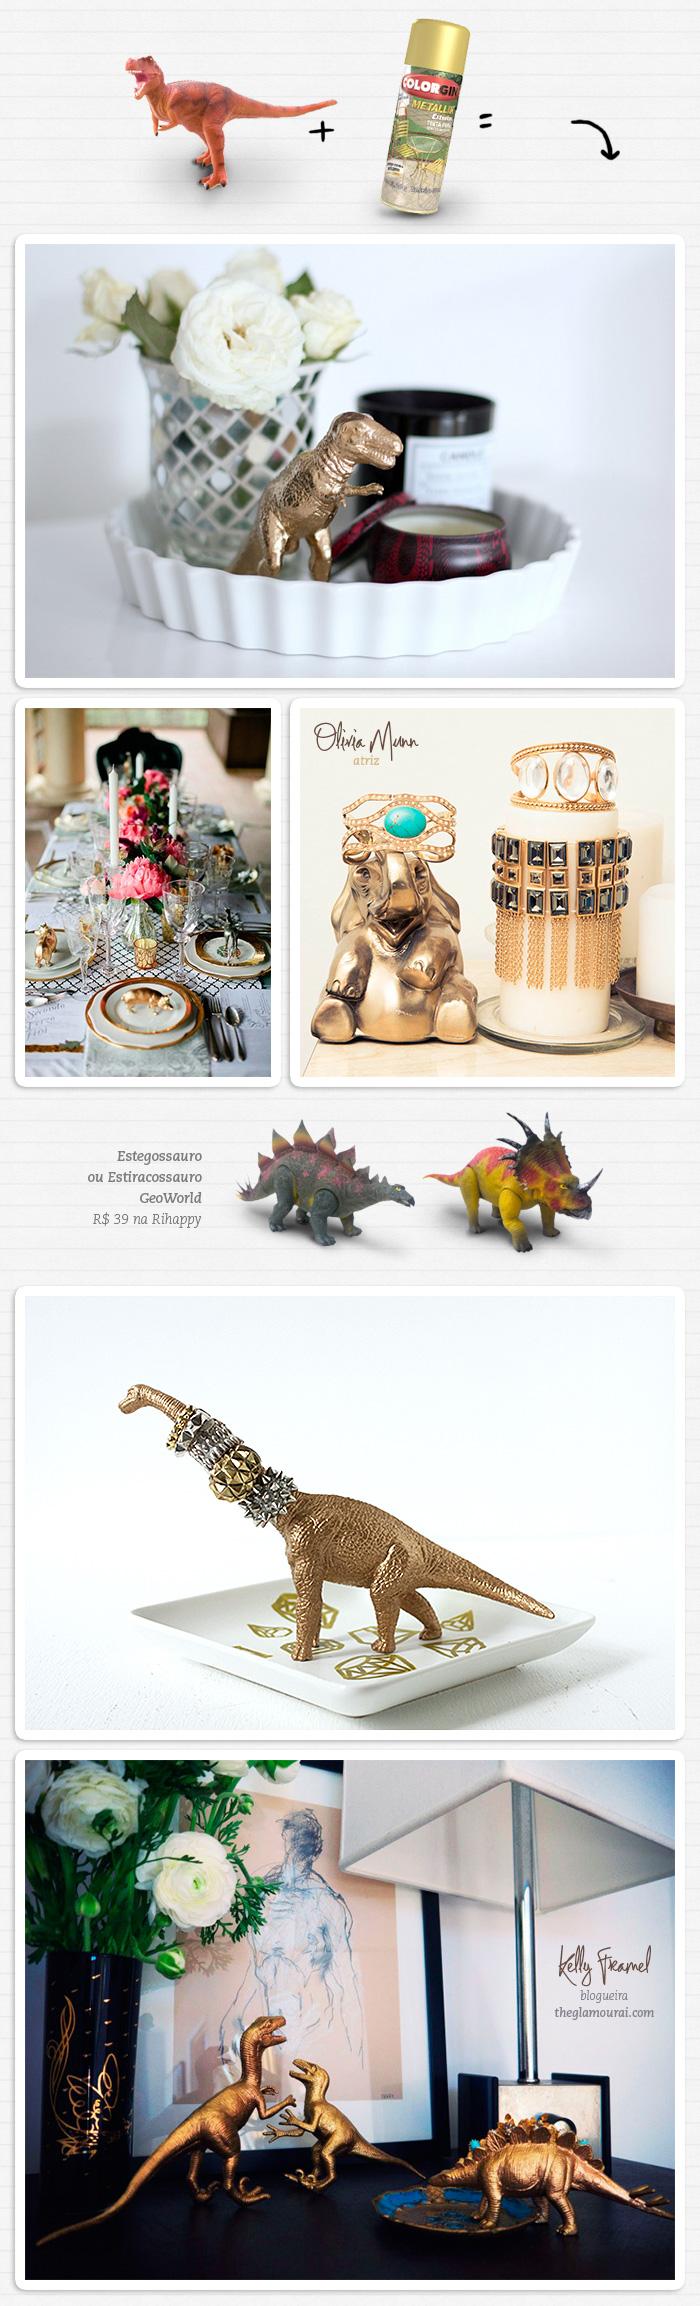 02-10-a-decorando-com-brinquedos-dinossauro-dourado